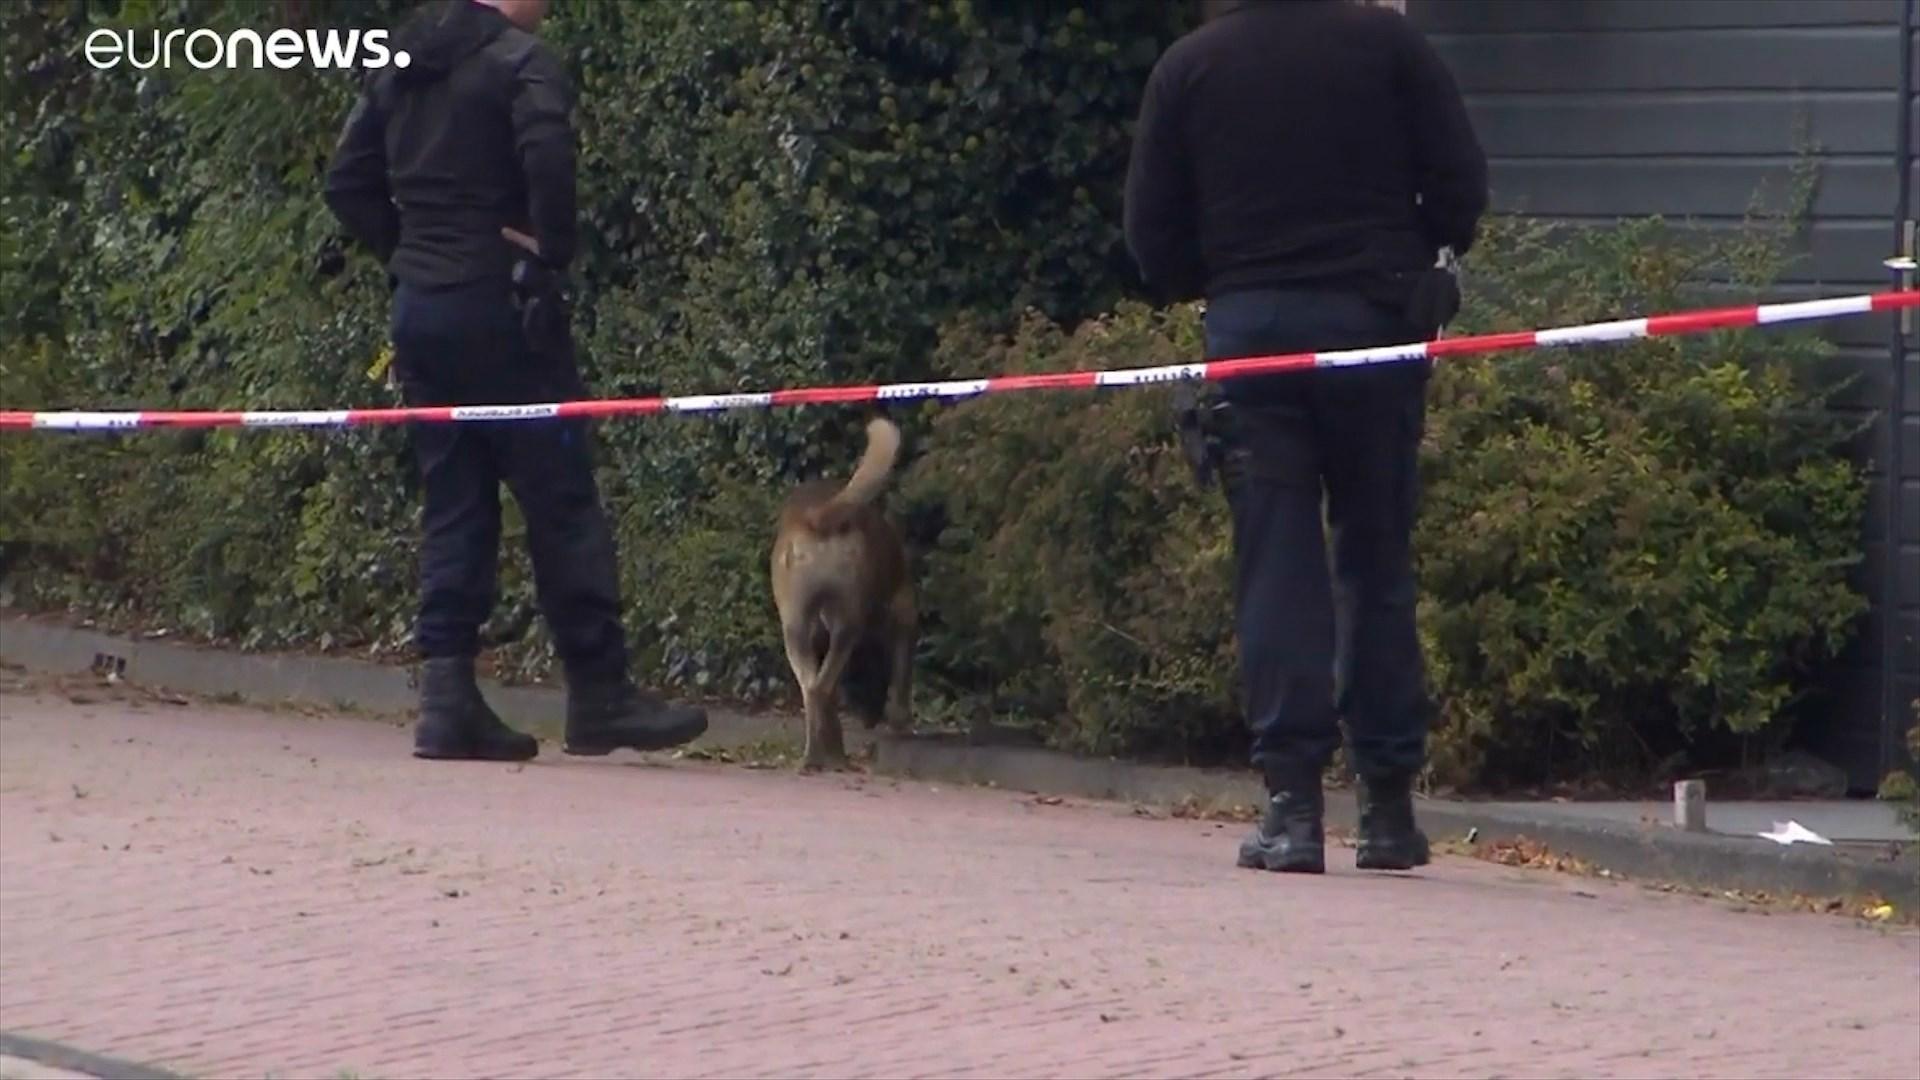 Vrasjet e fundit në Holandë, mediat: Amsterdami në duart e bandave kriminale